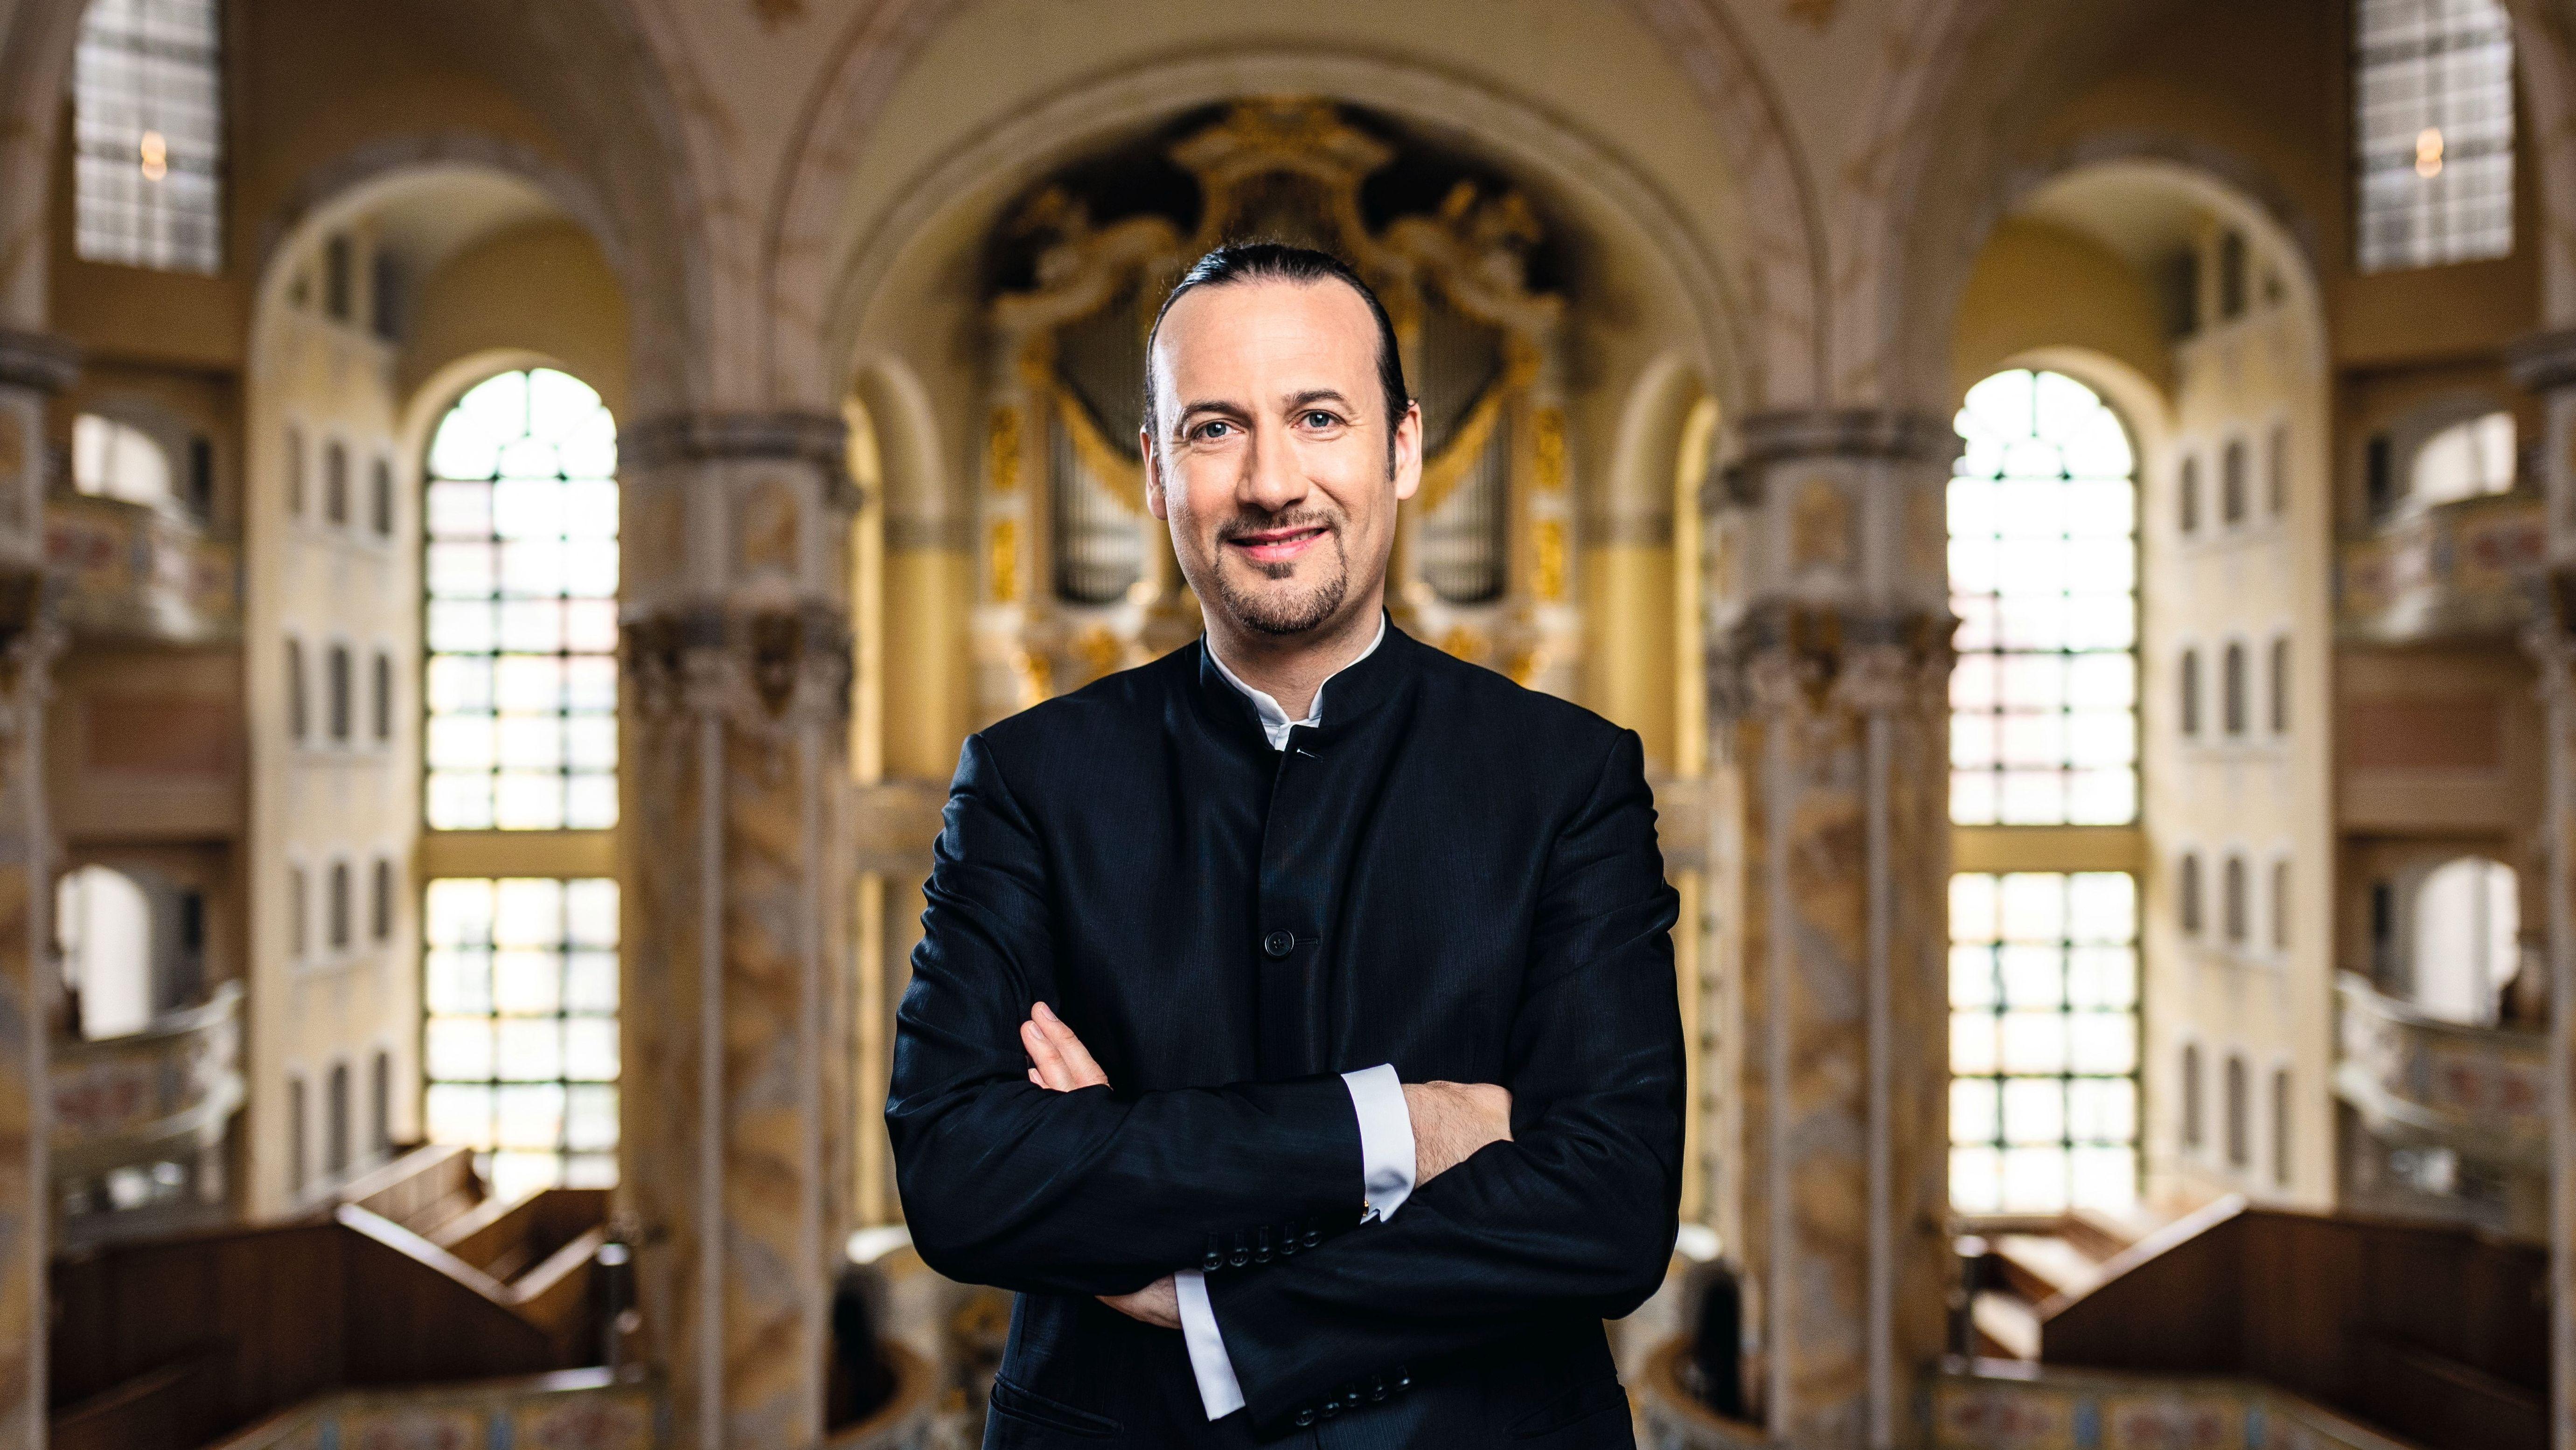 Der Organist Matthias Grünert in der Frauenkirche Dresden, im Hintergrund die Orgel